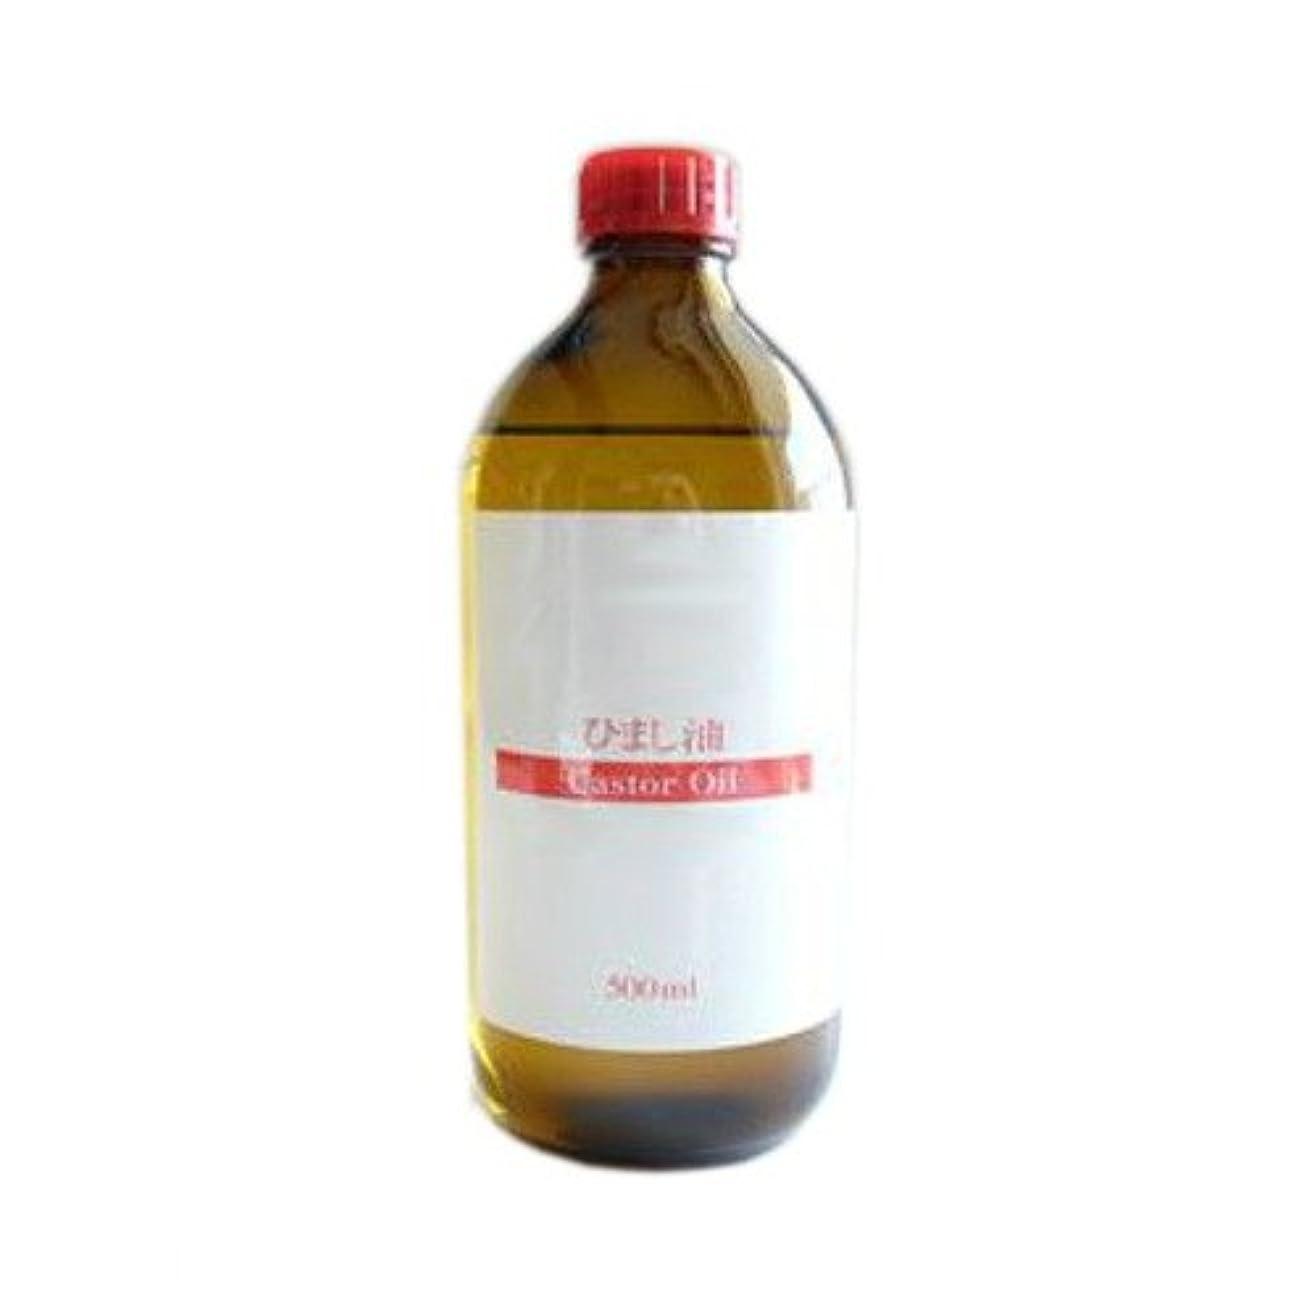 ライオネルグリーンストリート家提供ひまし油 (キャスターオイル) 500ml